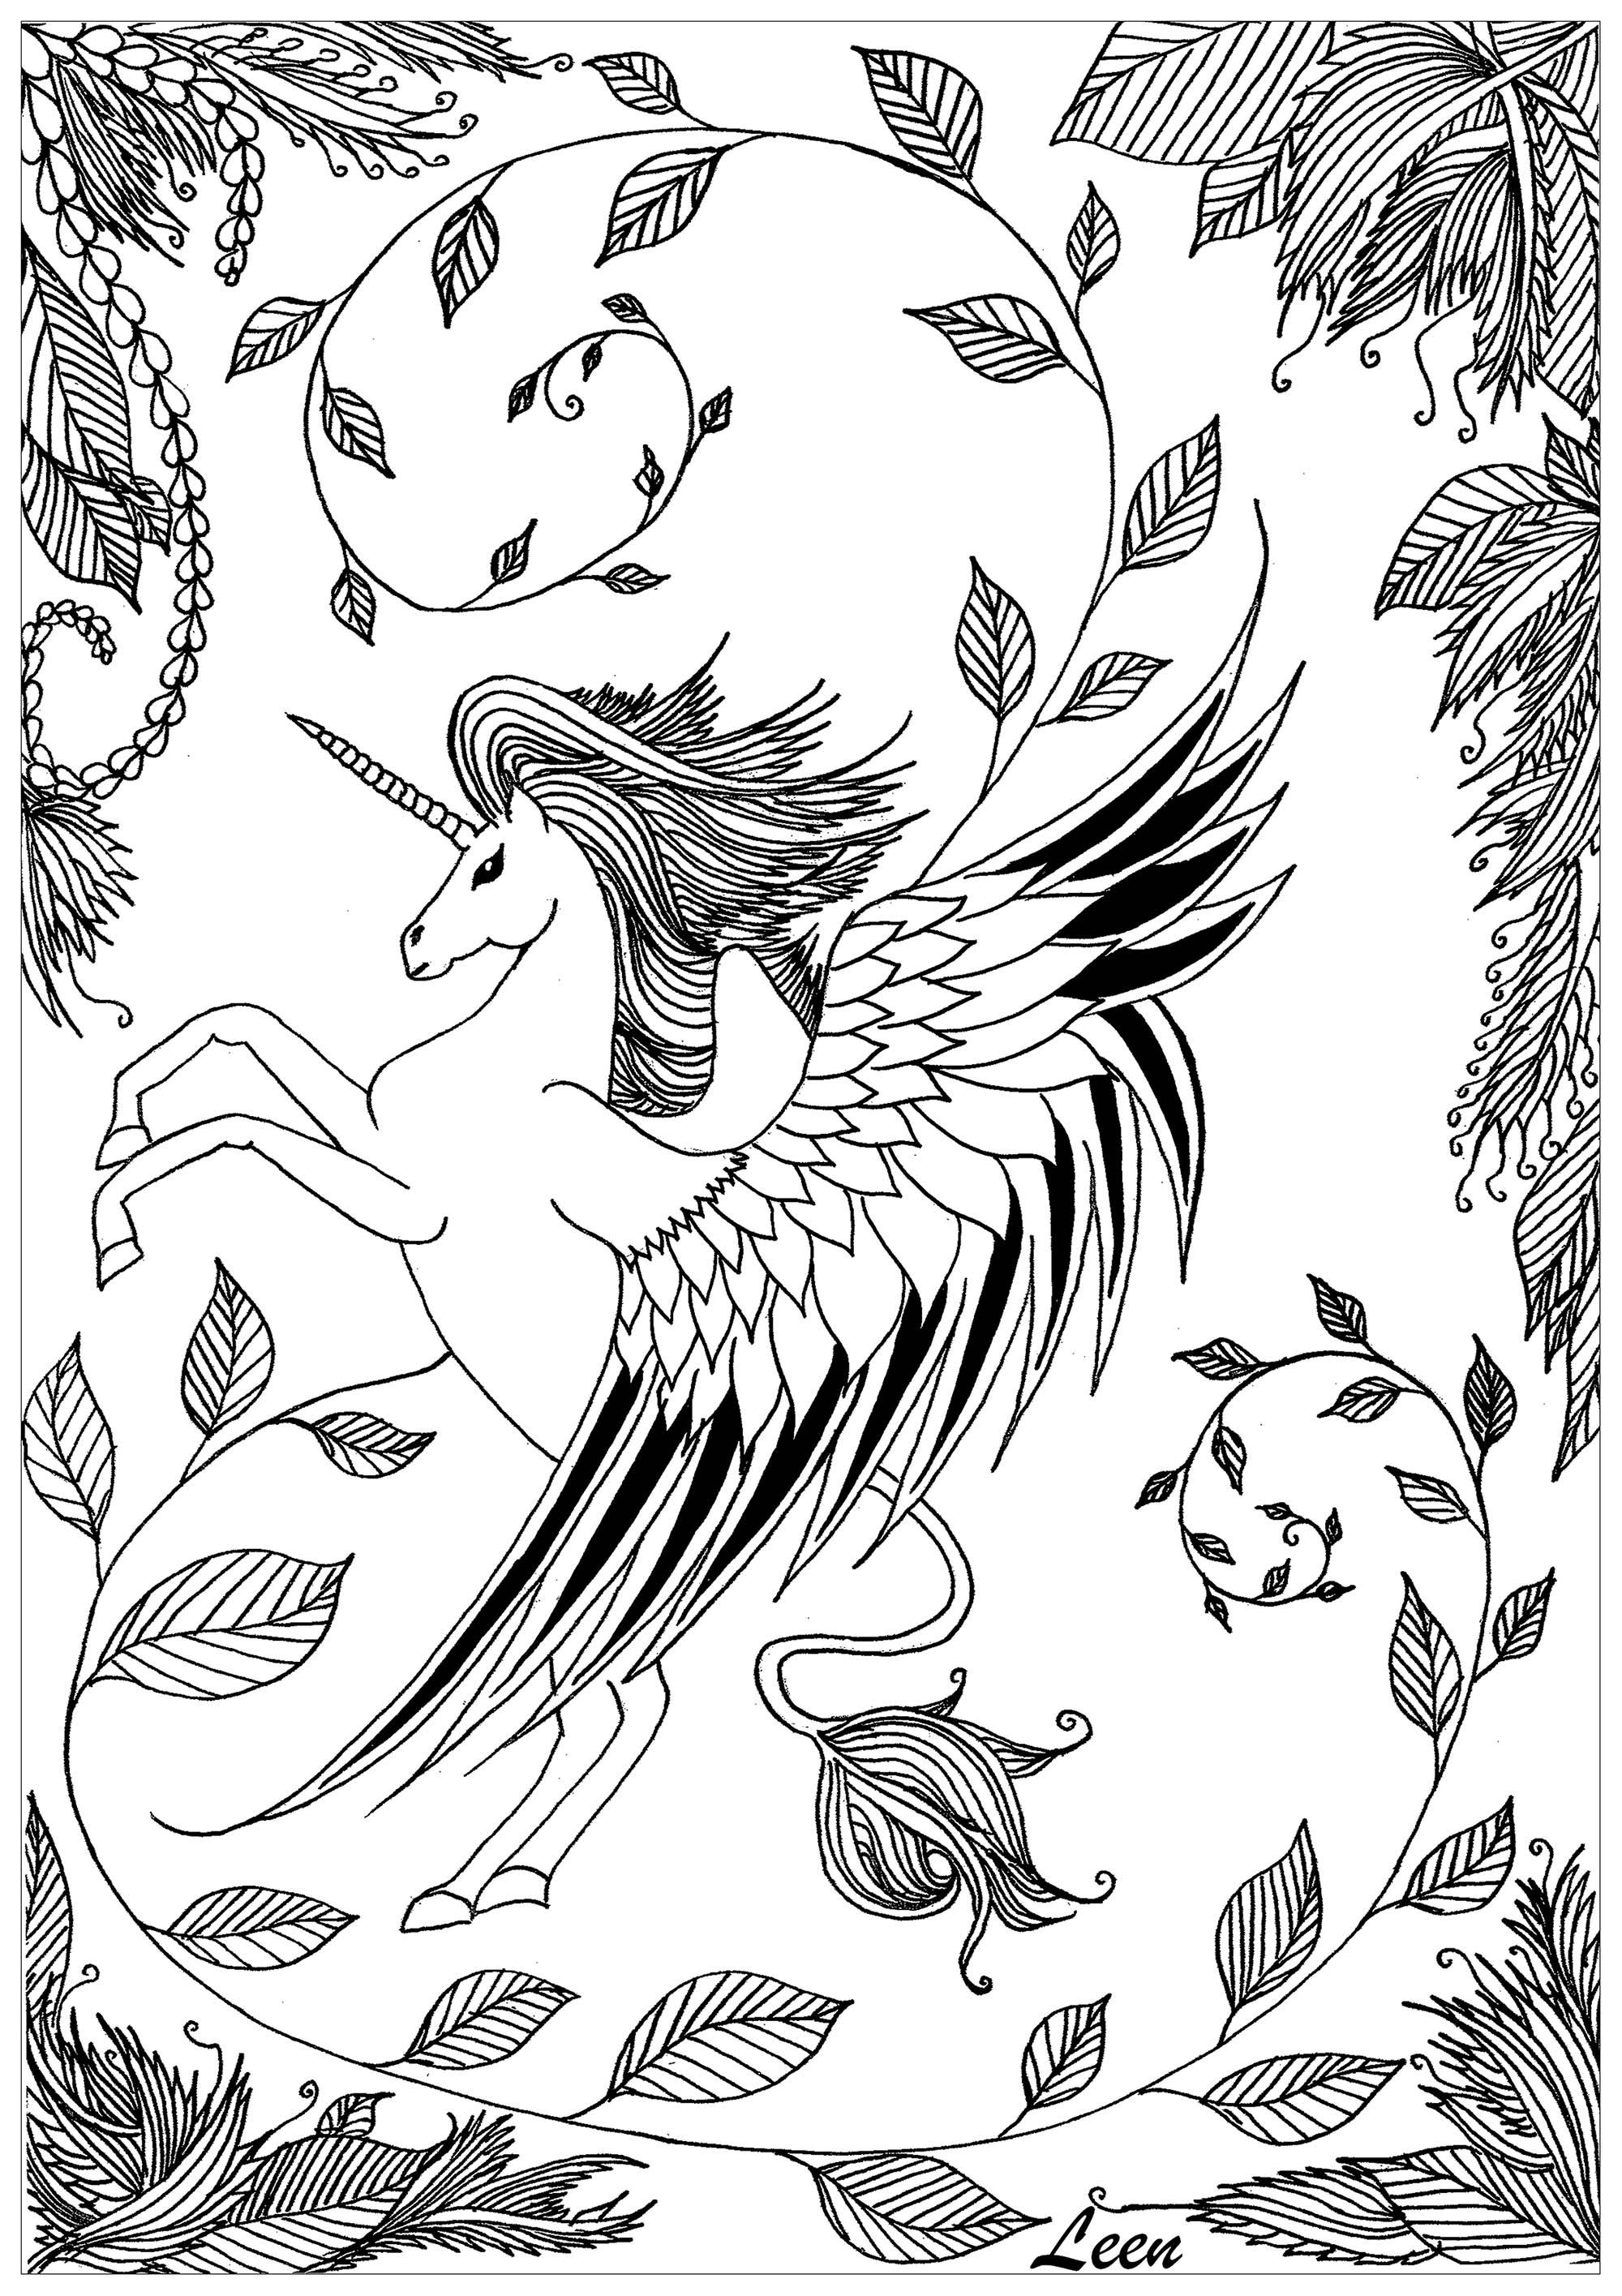 Disegni da colorare per adulti : Unicorni - 5